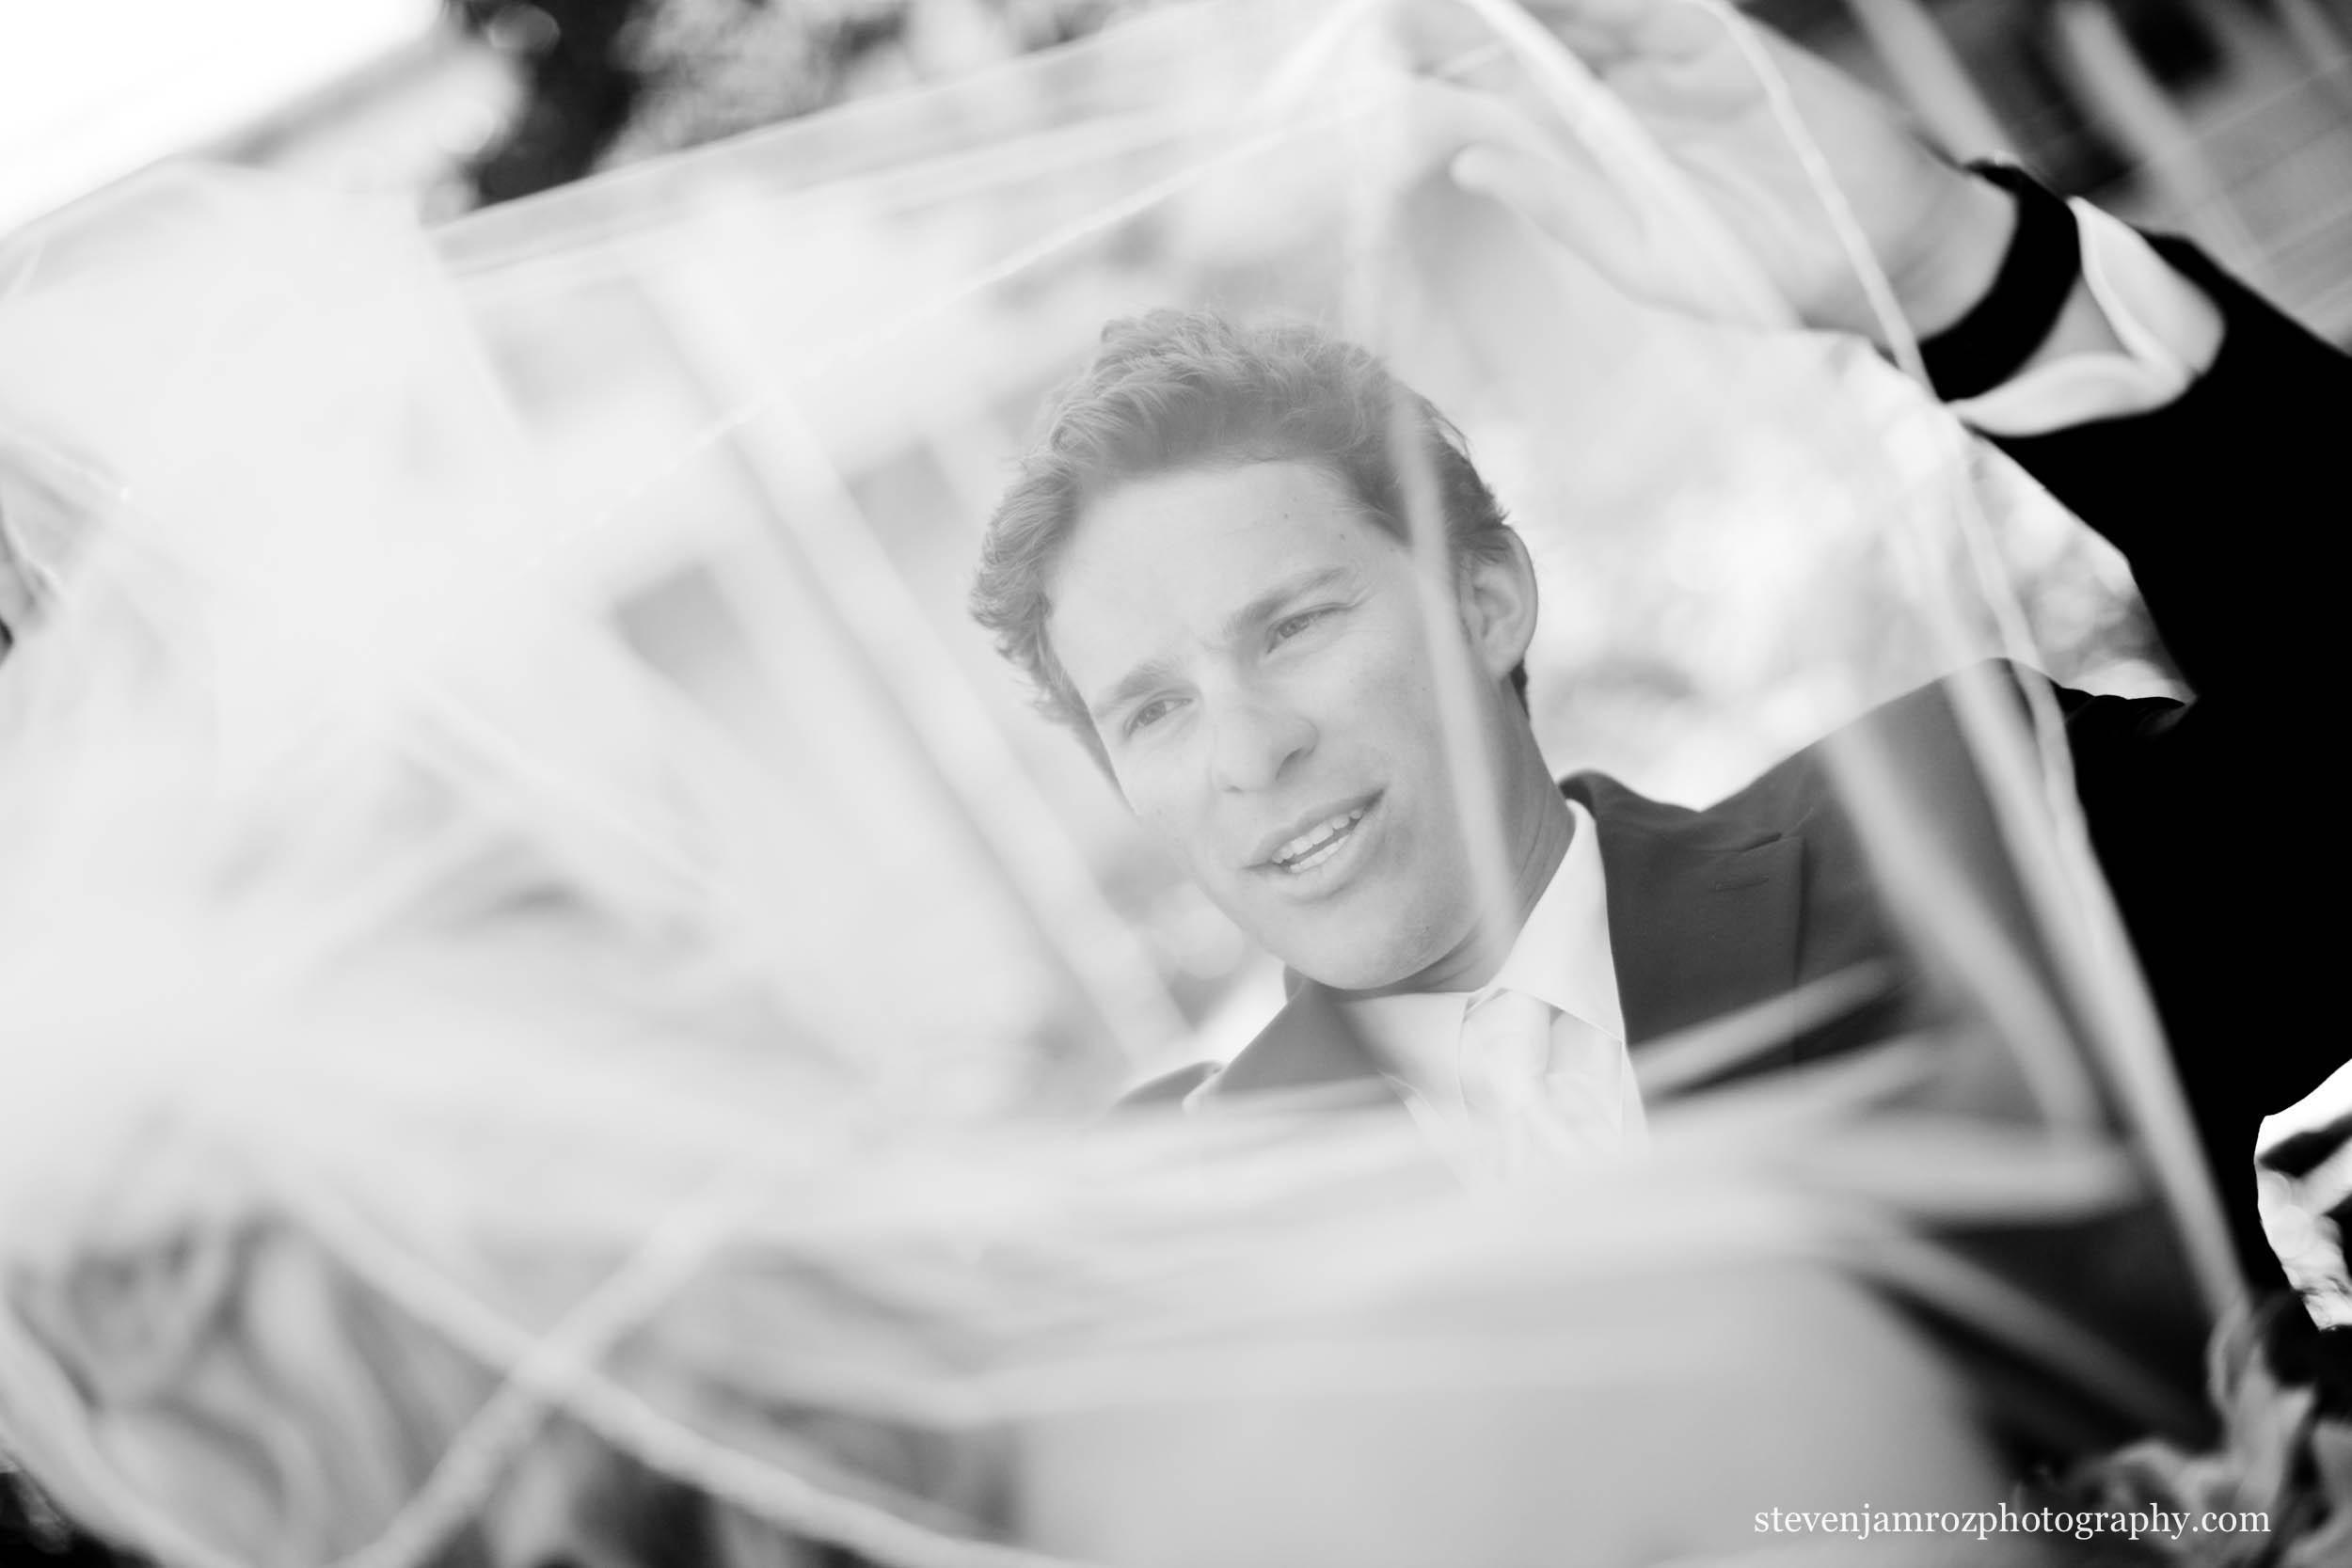 lifting-veil-on-bride-groom-wedding-raleigh-0120.jpg